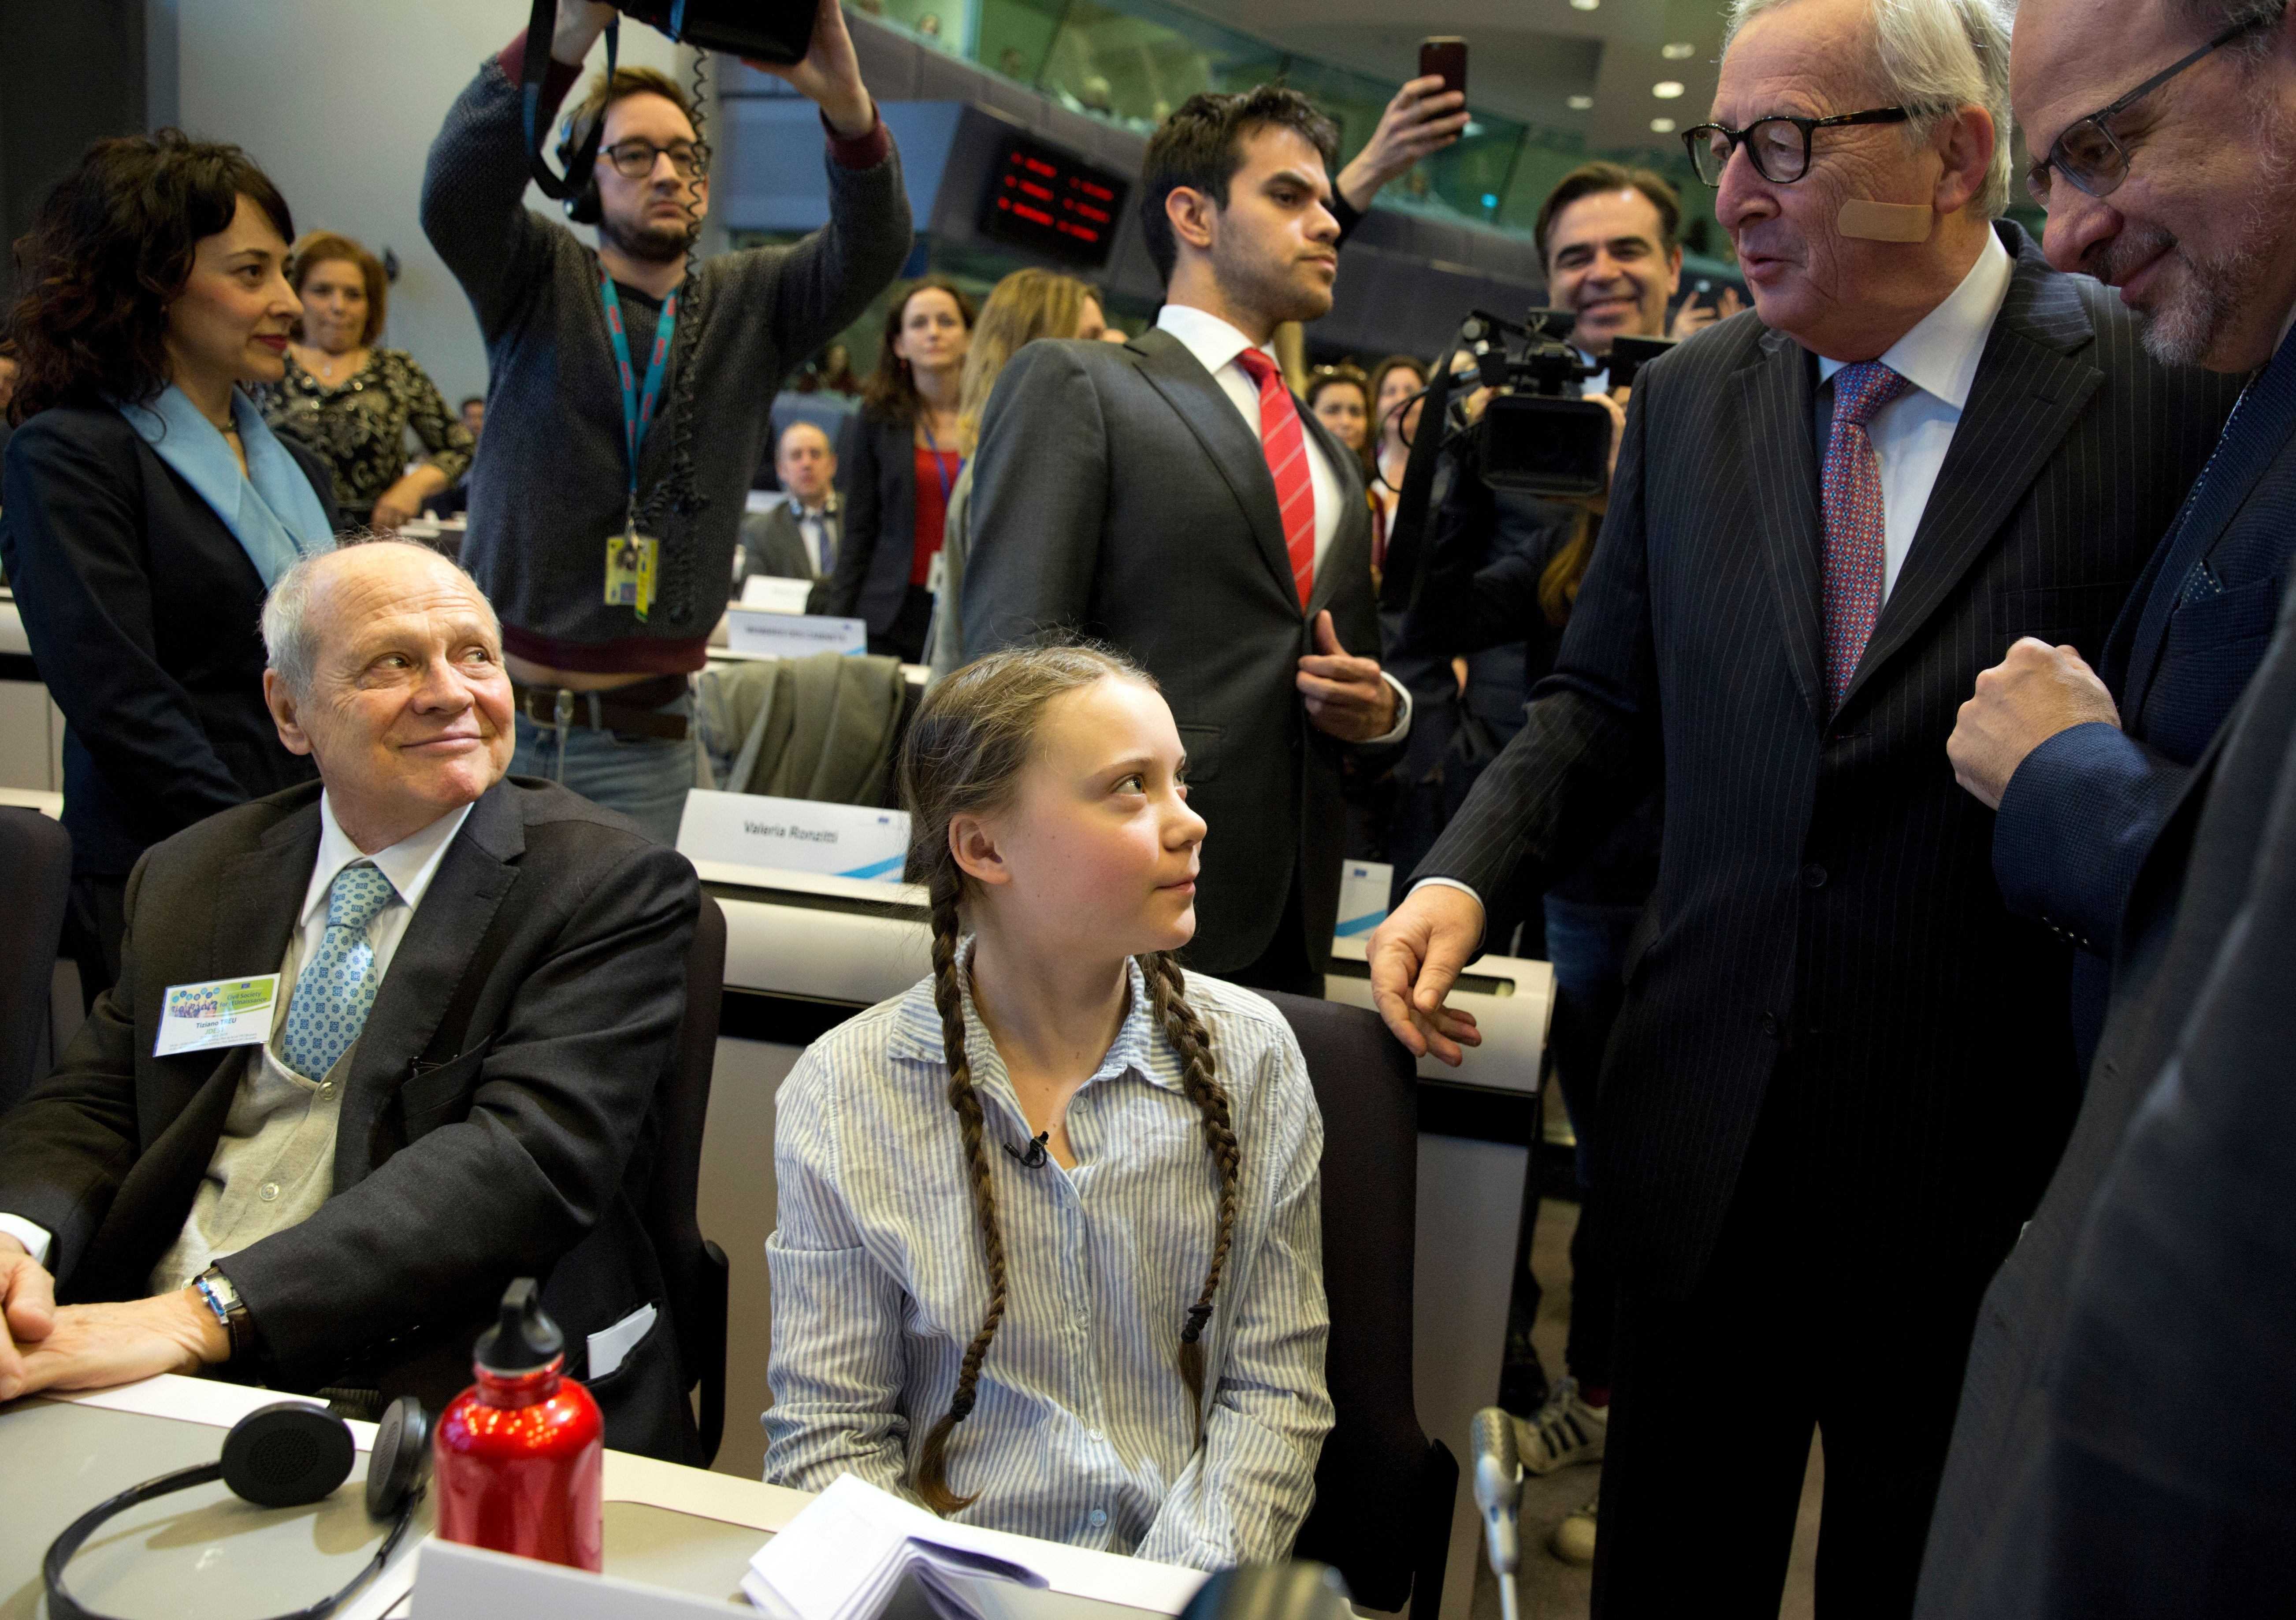 Γιούνκερ: «Εκατοντάδες δισεκατομμύρια» ευρώ από την ΕΕ για την κλιματική